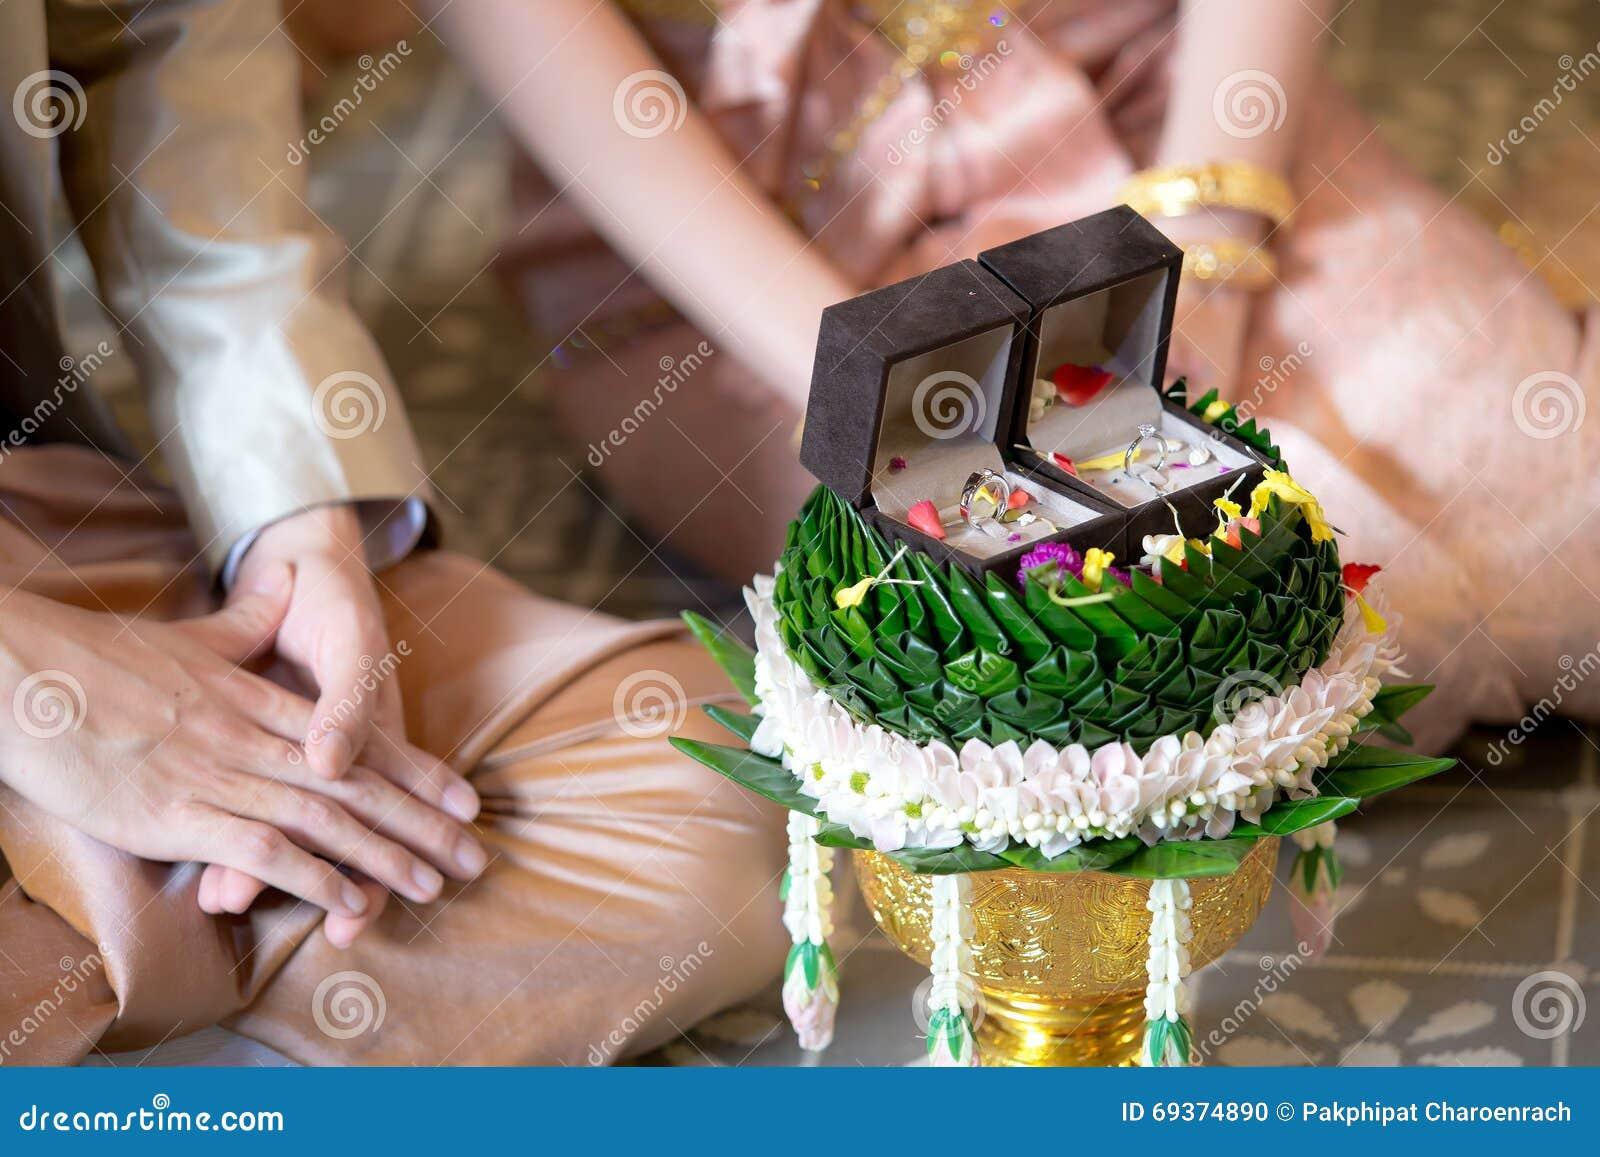 Desposorio y anillos de bodas/boda tailandesa tradicional - (Selec